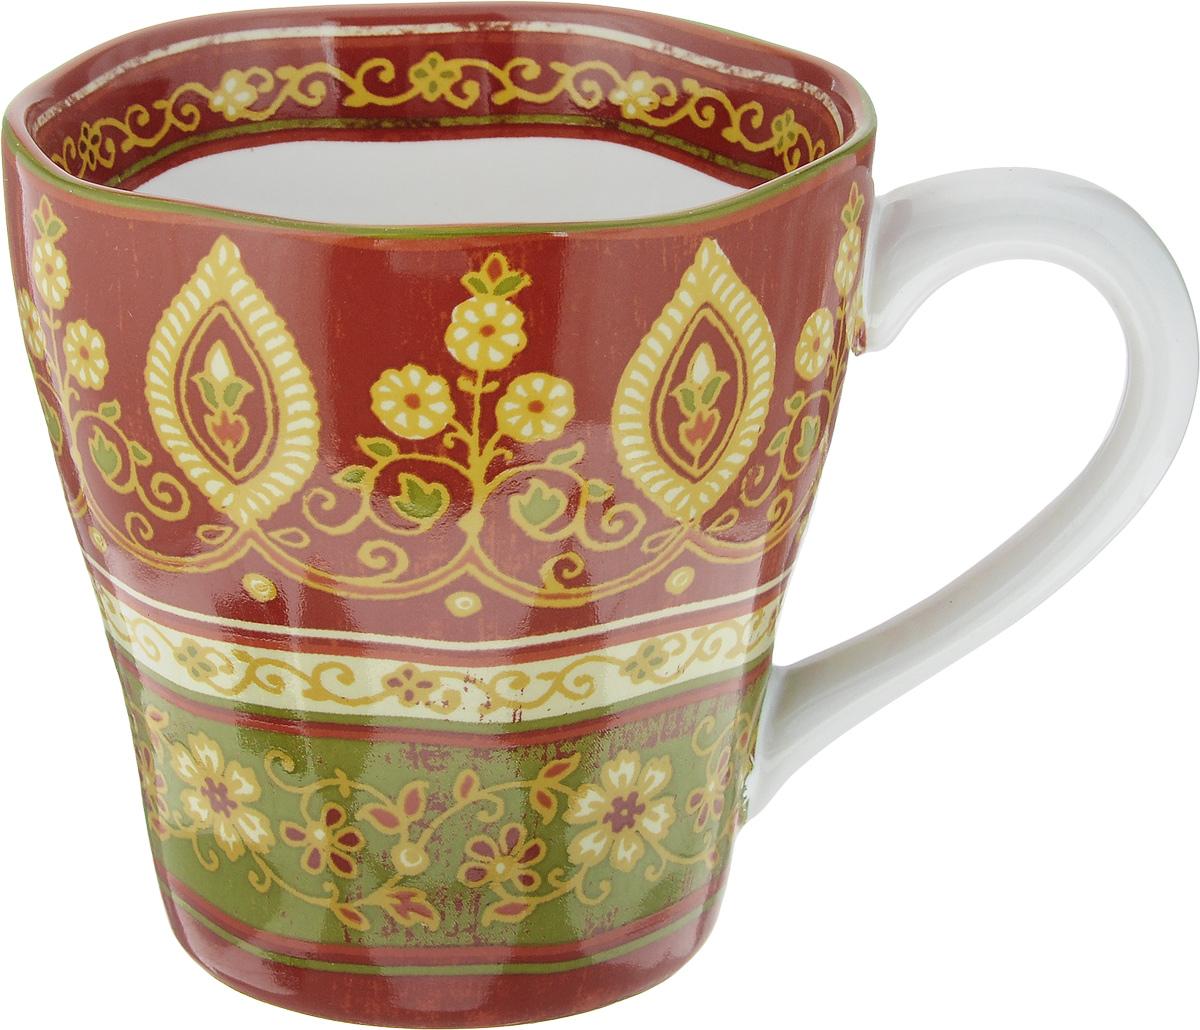 Кружка Sango Ceramics Кашмир, 450 млUTT41601Кружка Sango Ceramics Кашмир изготовлена из высококачественной керамики. Изделие оформлено оригинальным рисунком. Такая кружка создаст атмосферу тепла и уюта, настроит на позитивный лад и подарит хорошее настроение с самого утра. Это оригинальное изделие идеально подойдет в подарок близкому человеку. Можно мыть в посудомоечной машине и использовать в СВЧ. Диаметр (по верхнему краю): 10,5 см. Высота кружки: 10,5 см. Объем: 450 мл.